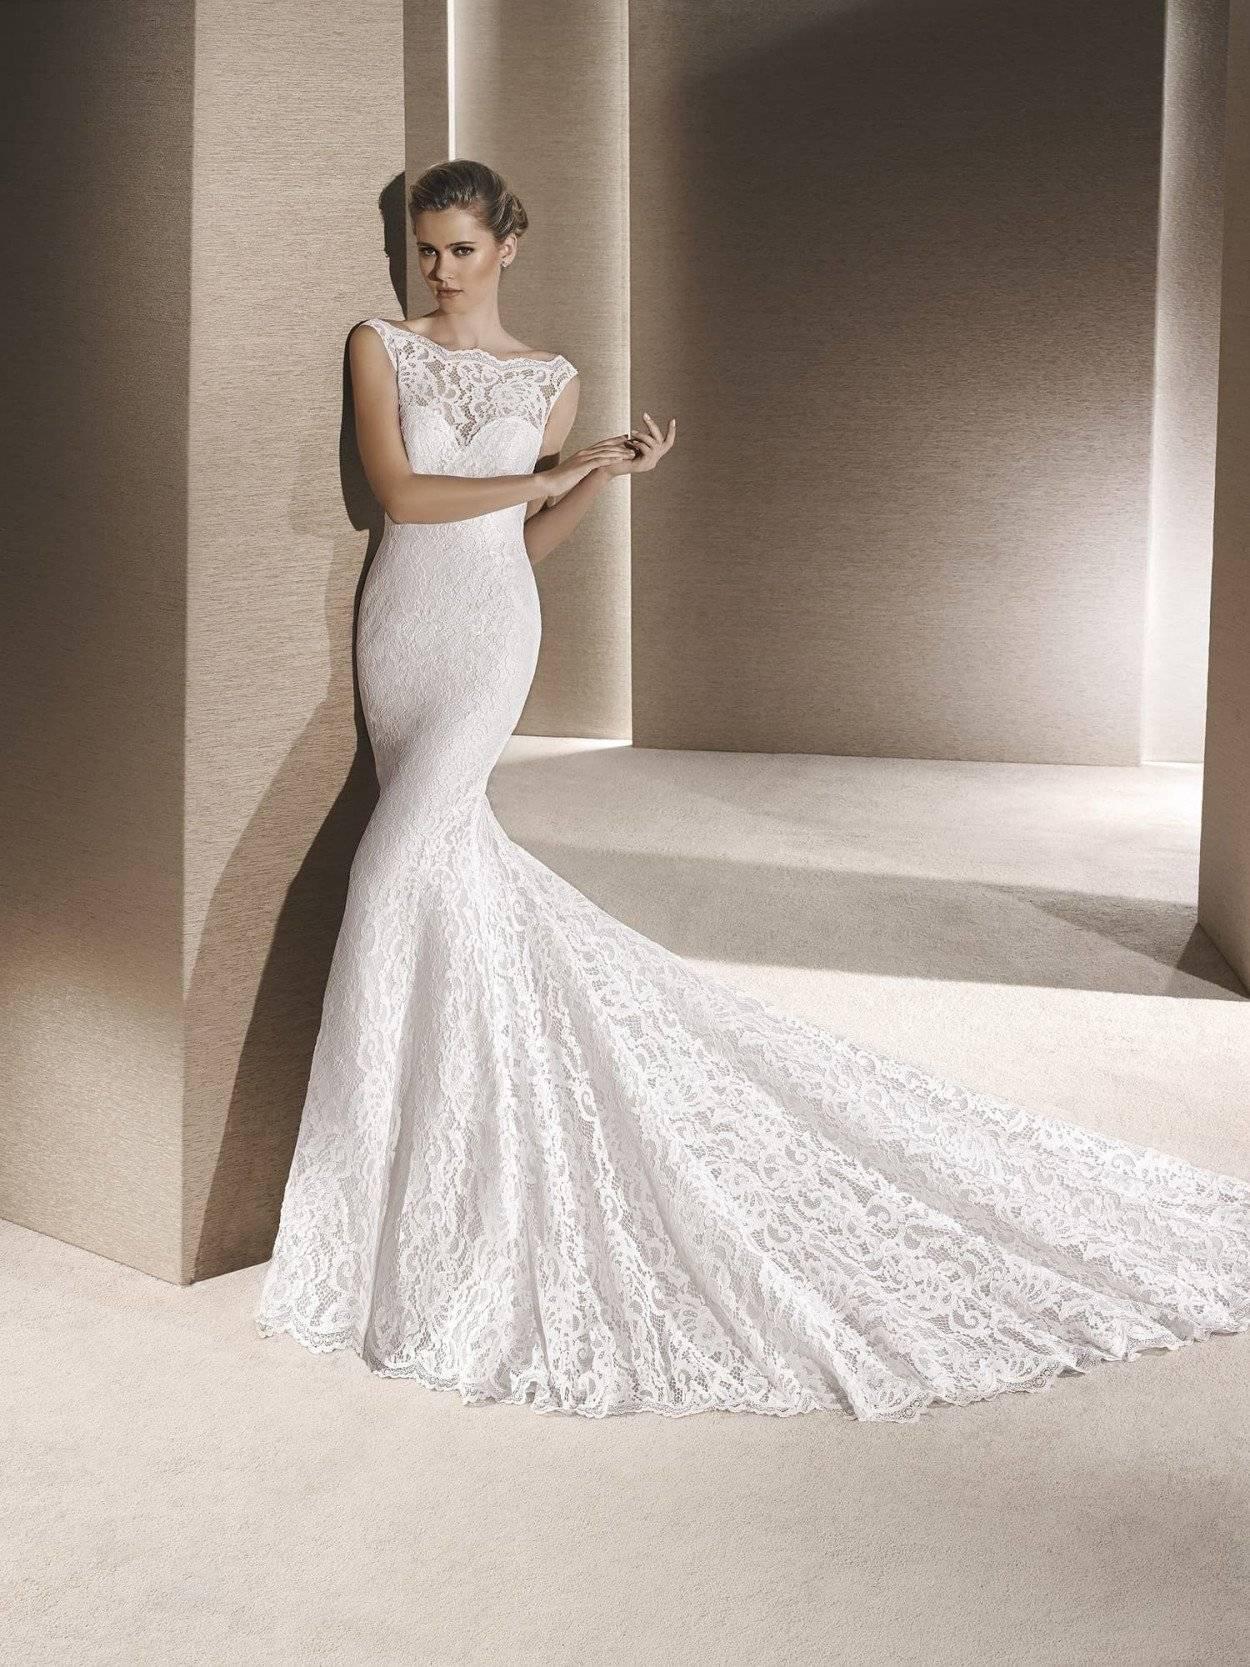 Кружевные свадебные платья — воздушно, нежно, романтично!